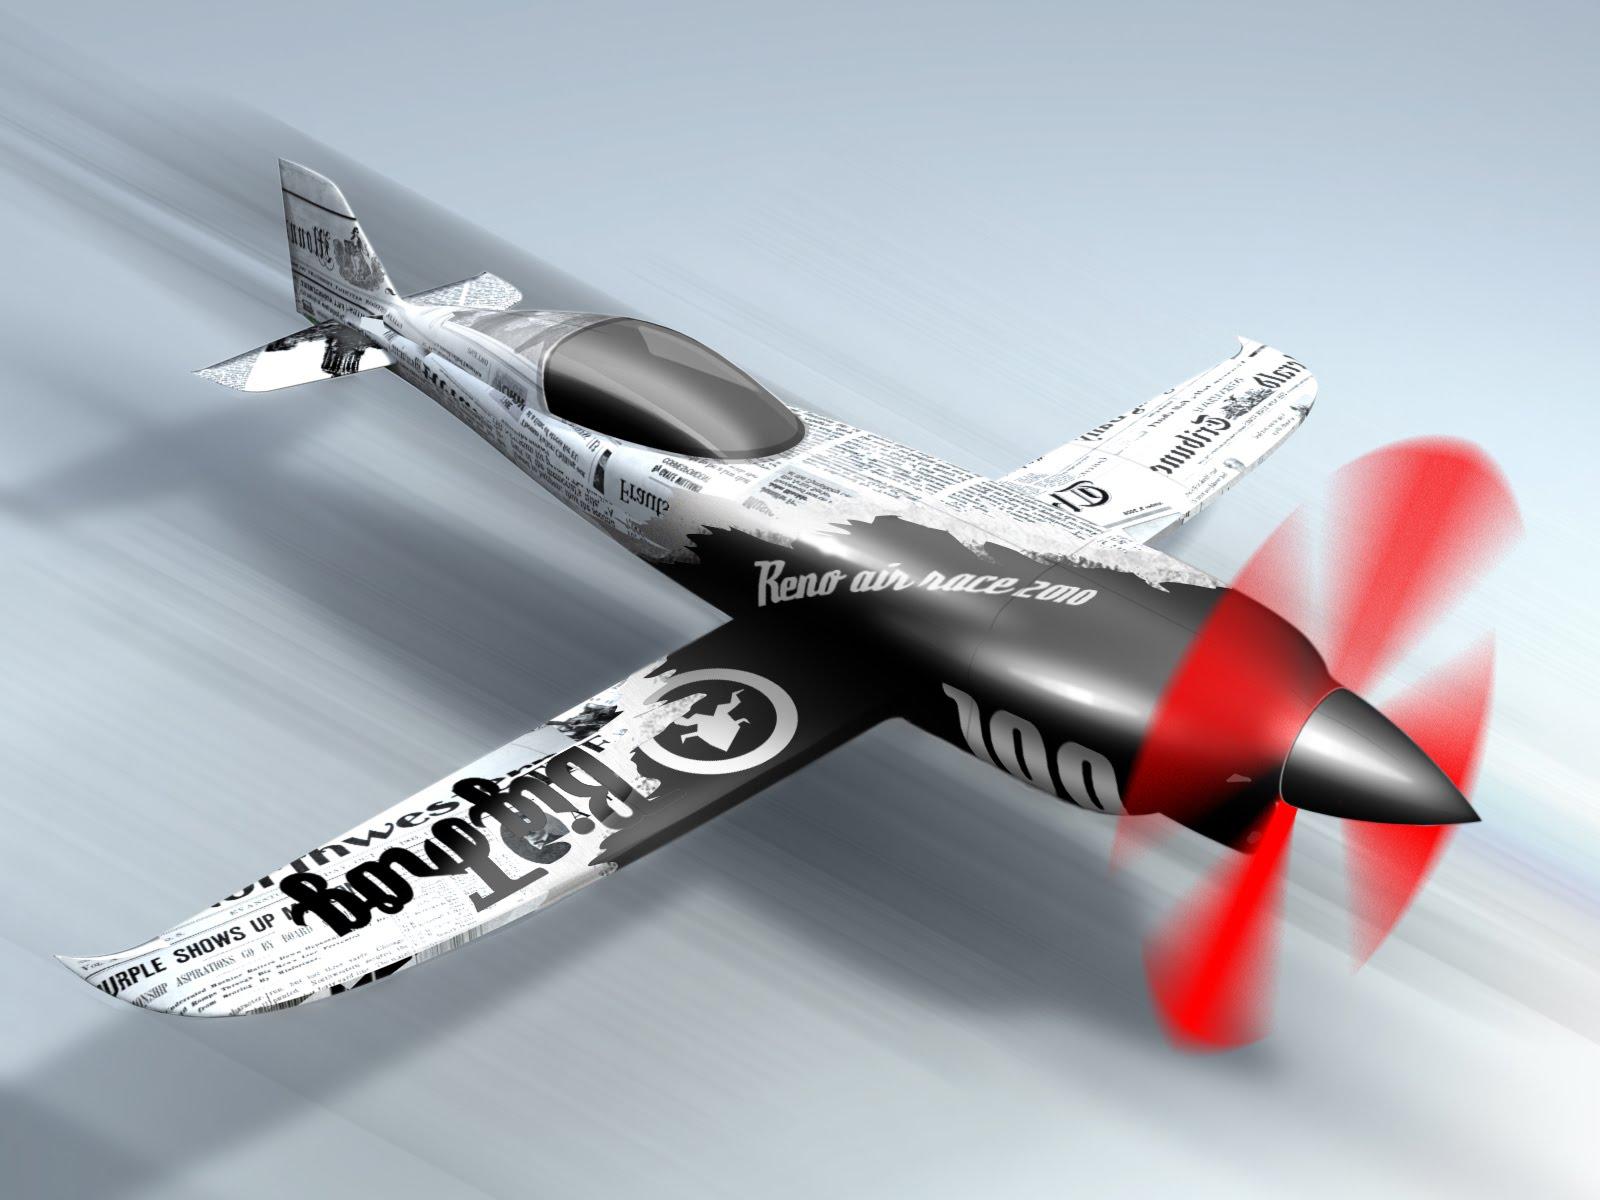 http://1.bp.blogspot.com/_koLlmU4Dbm8/TDSmJIEe0NI/AAAAAAAAAEY/VnkU4b1_BJY/s1600/paper_Plane_2COPIE.jpg